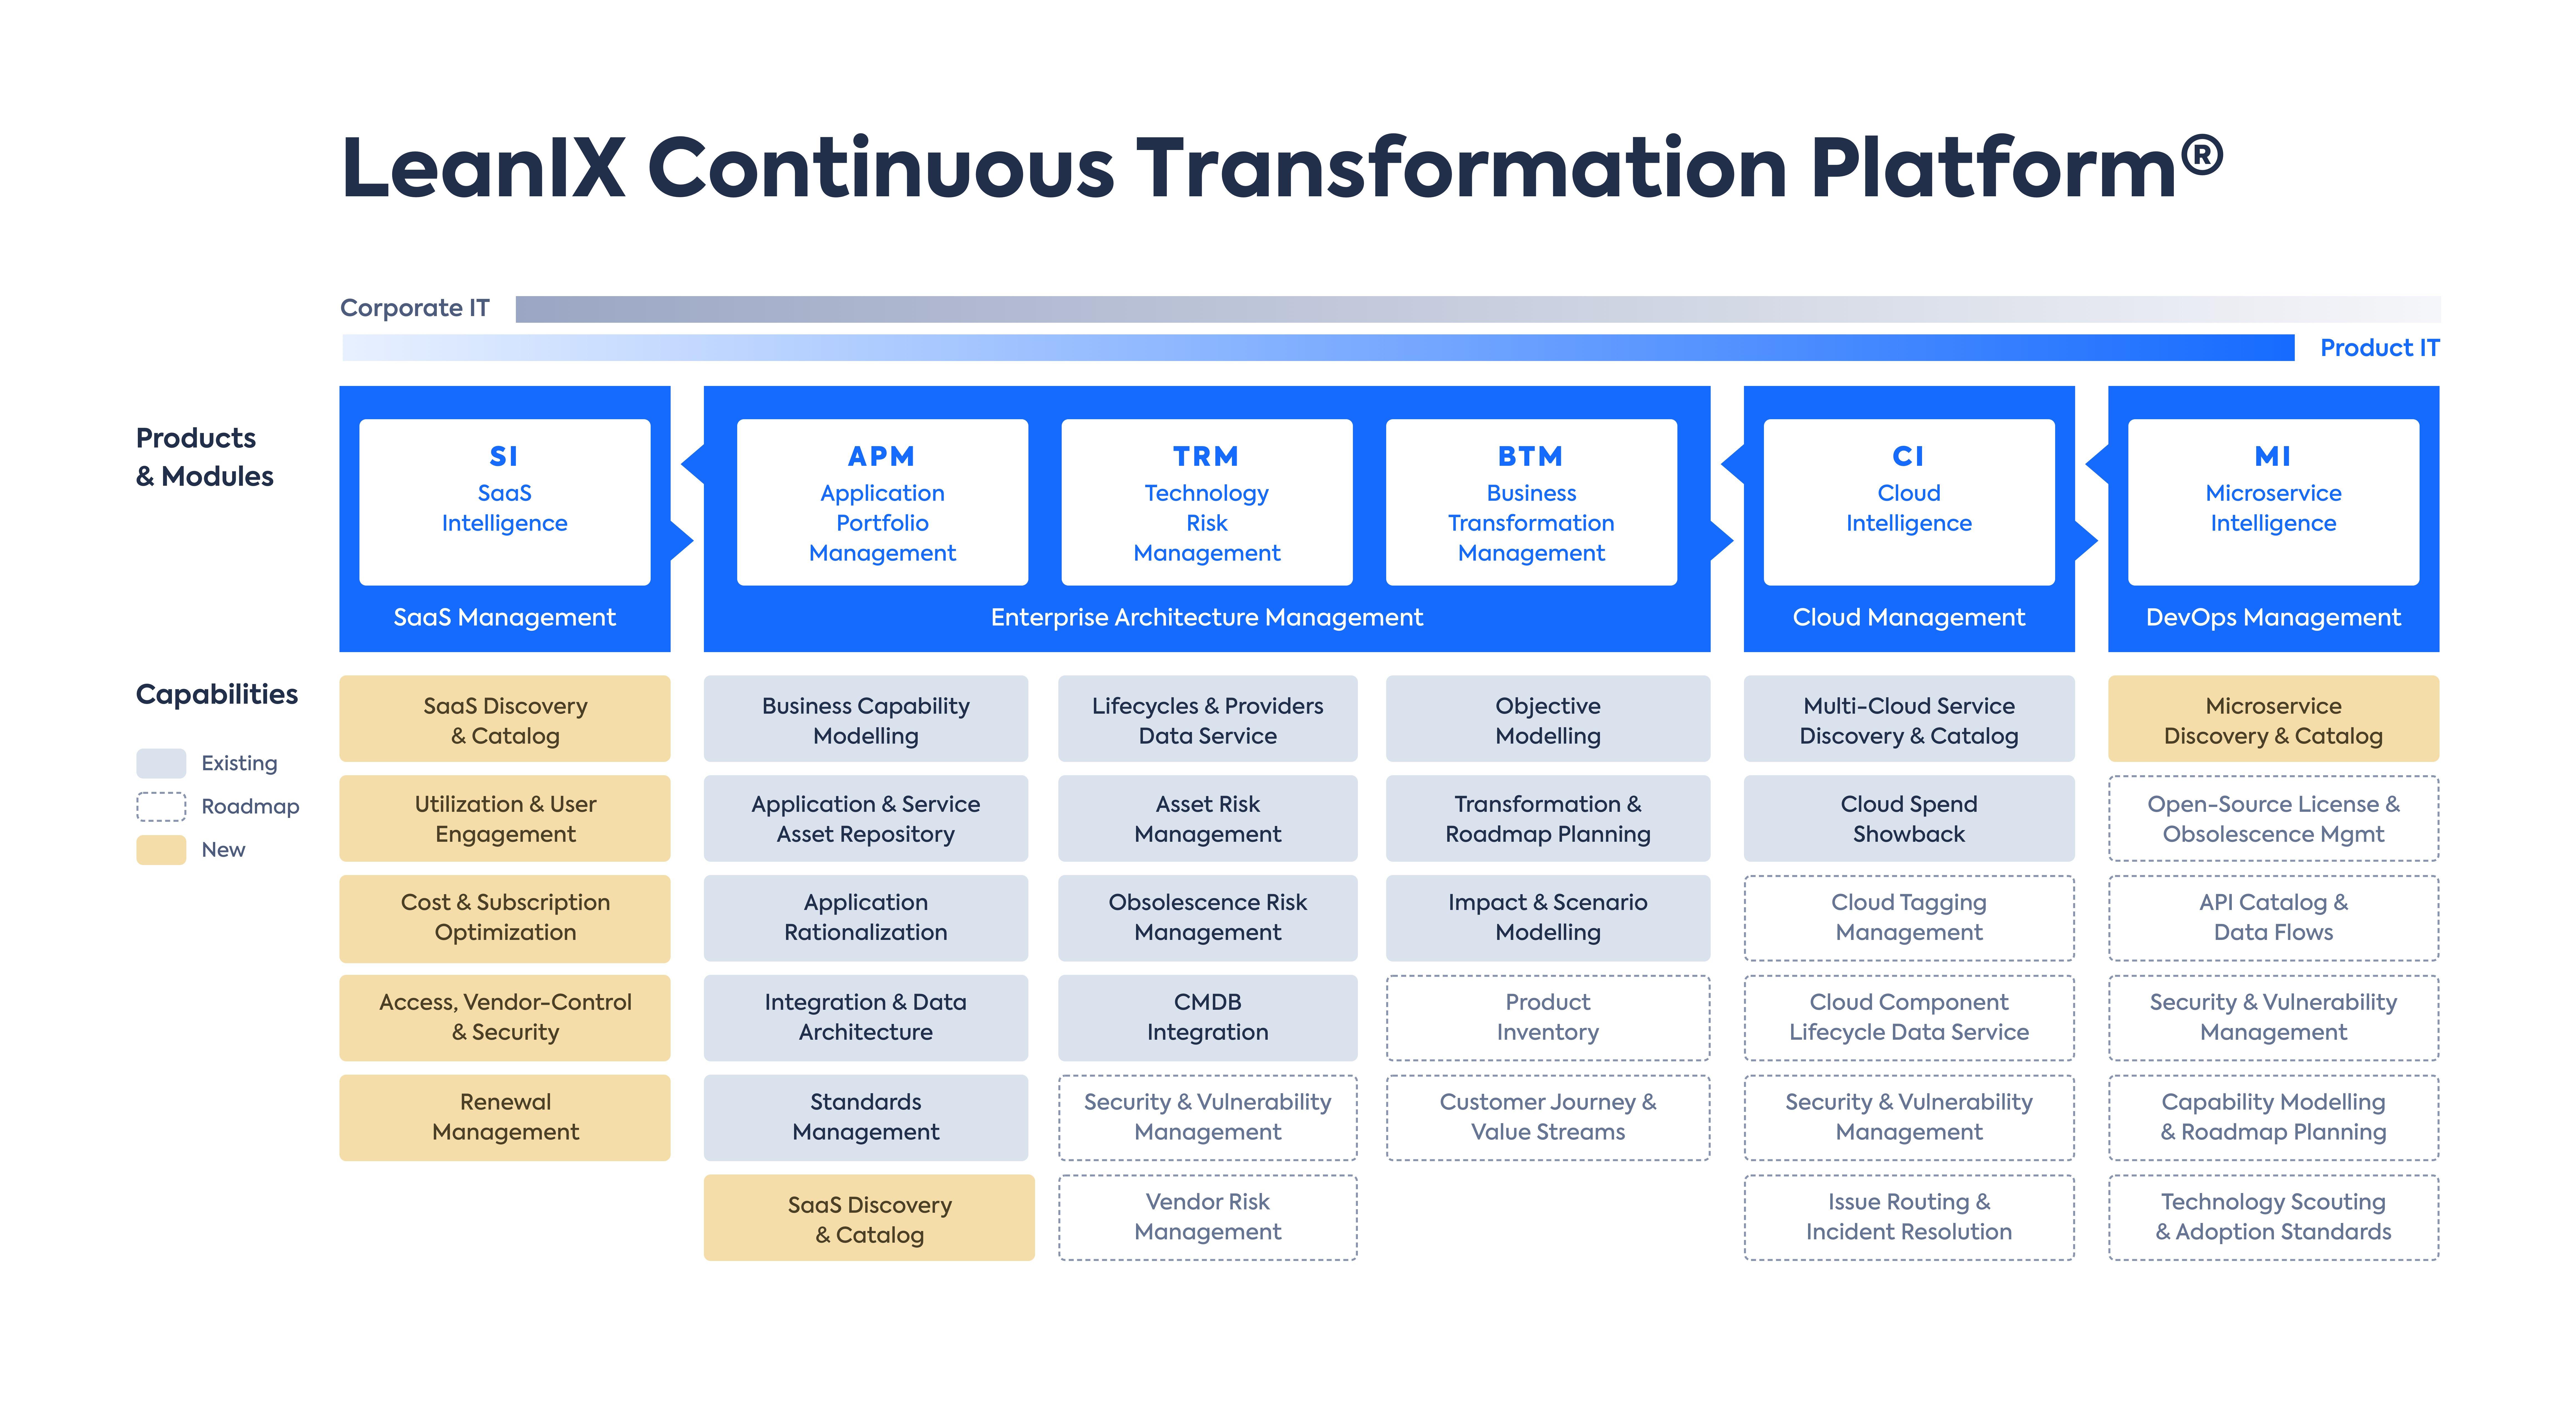 LenIX Continuous Transformation Platform